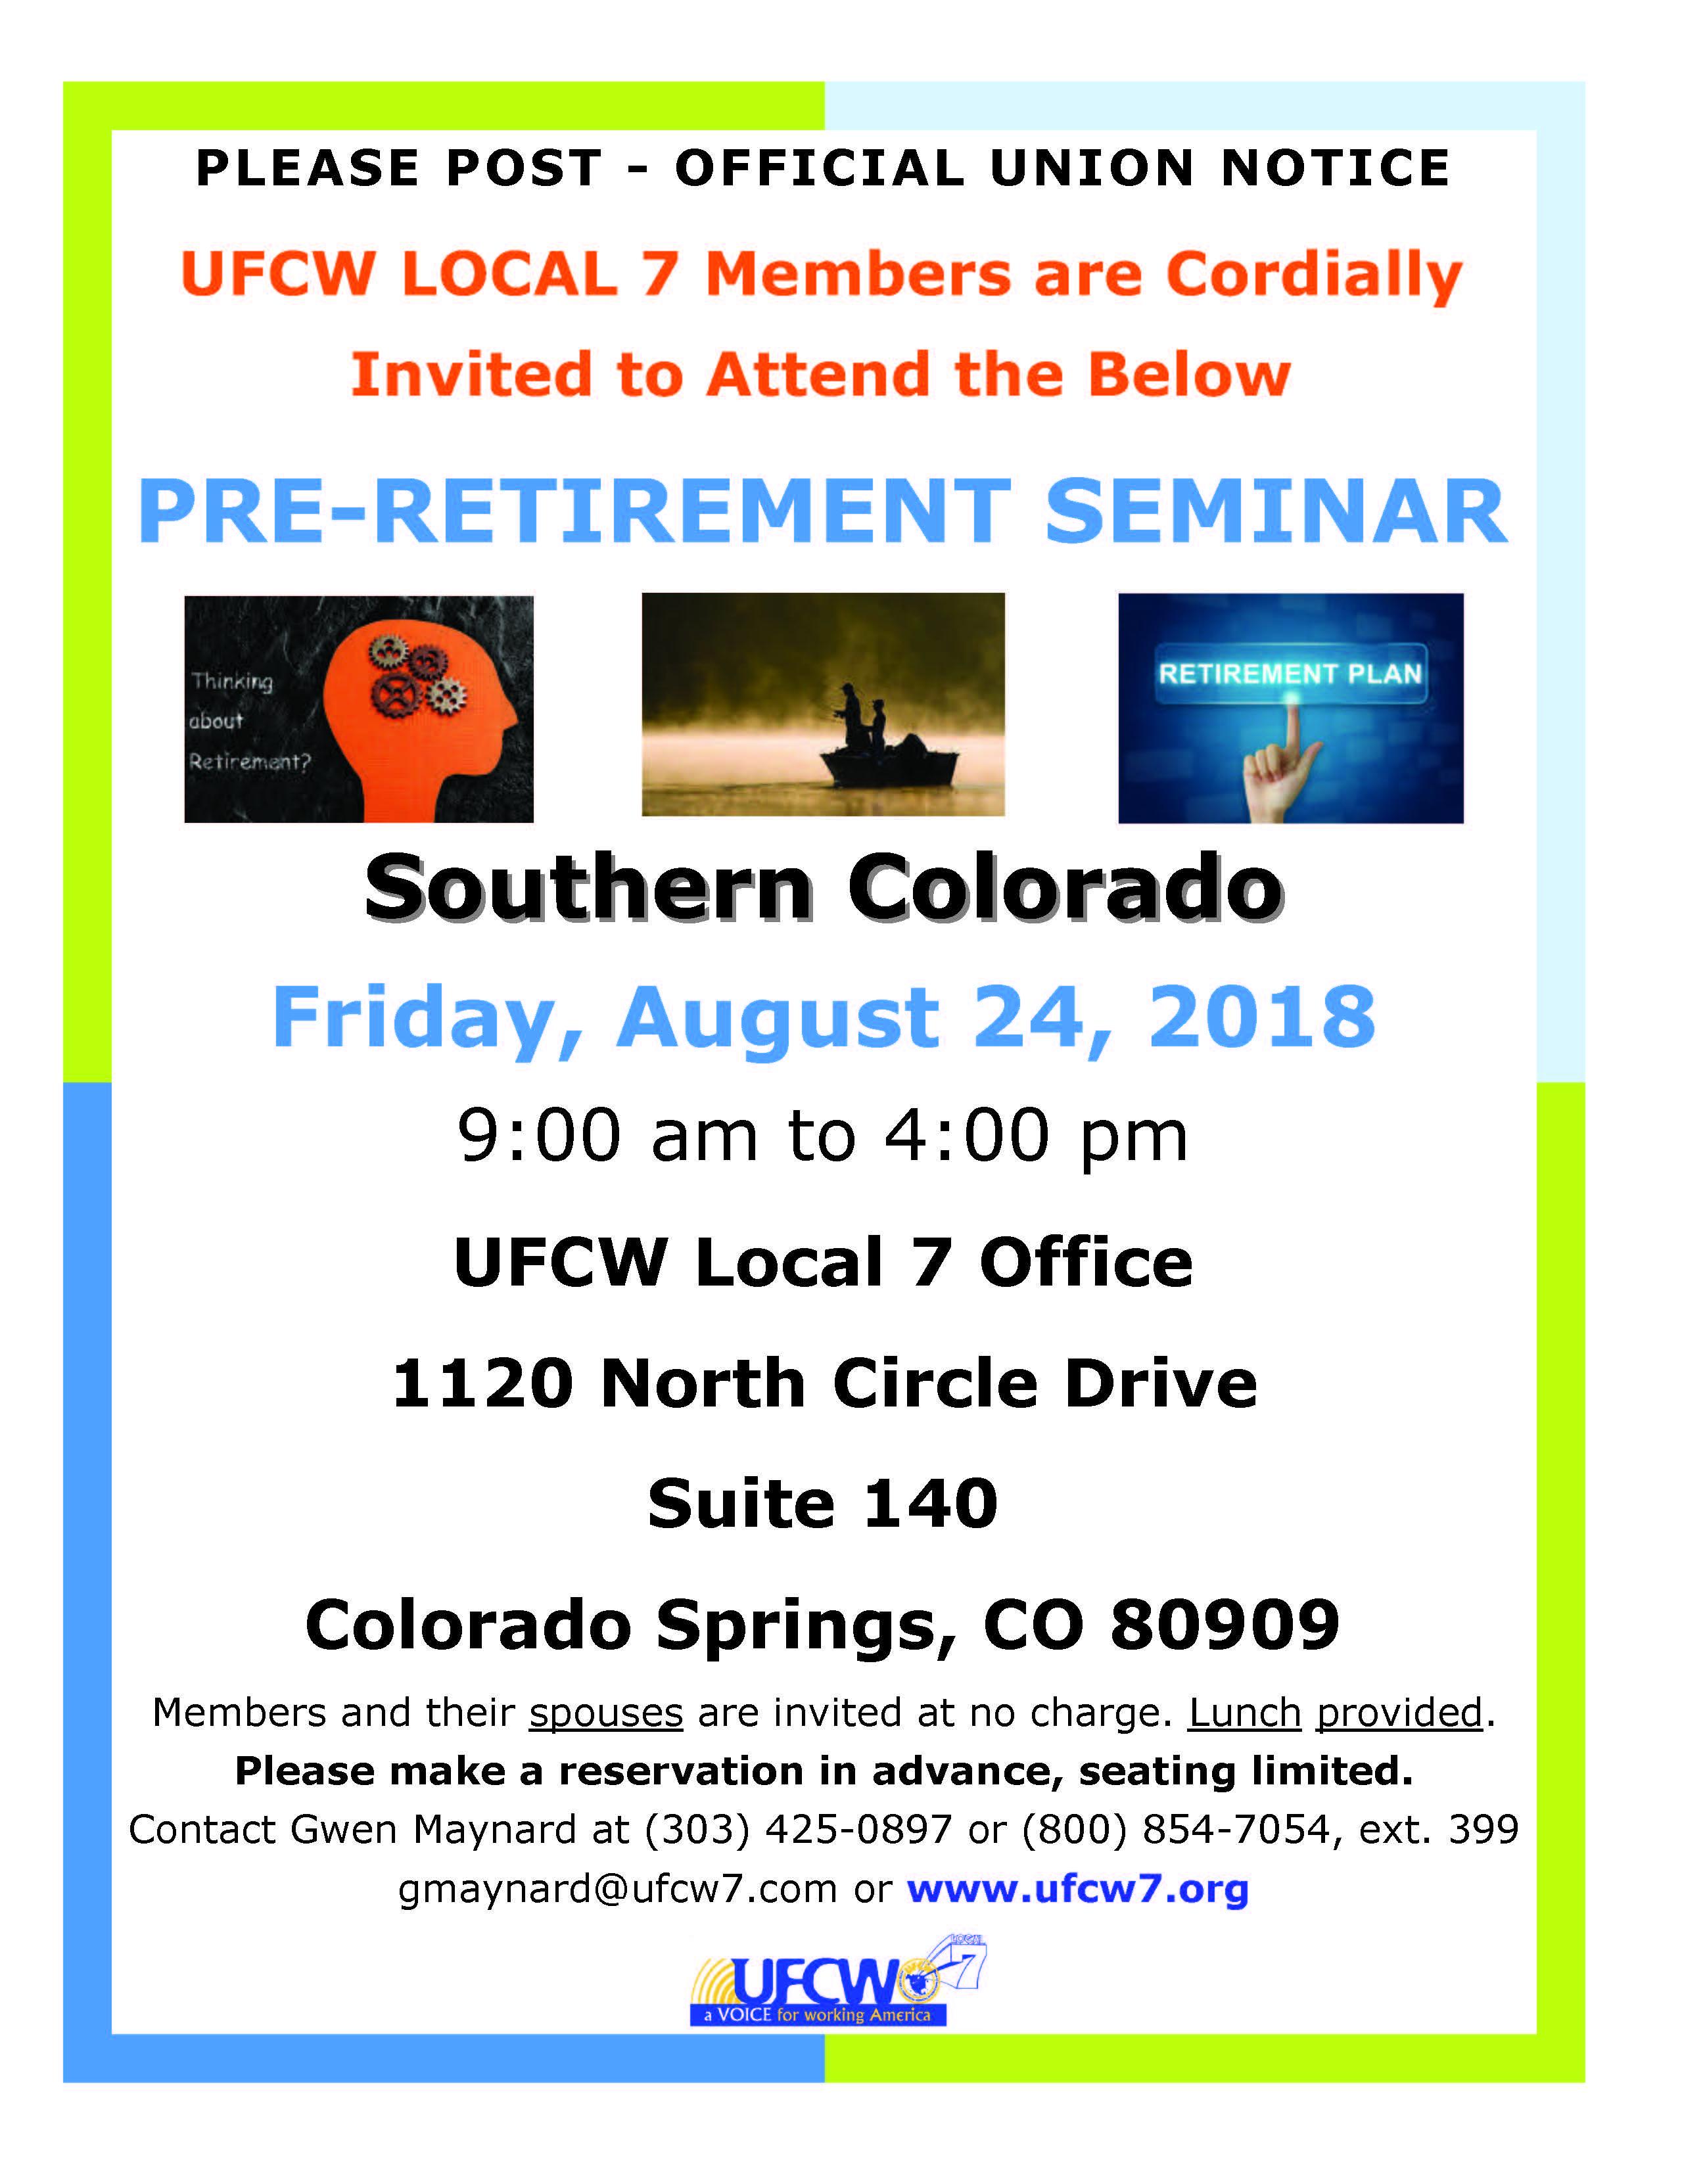 Southern Colorado Pre-Retirement Seminar – Fall 2018